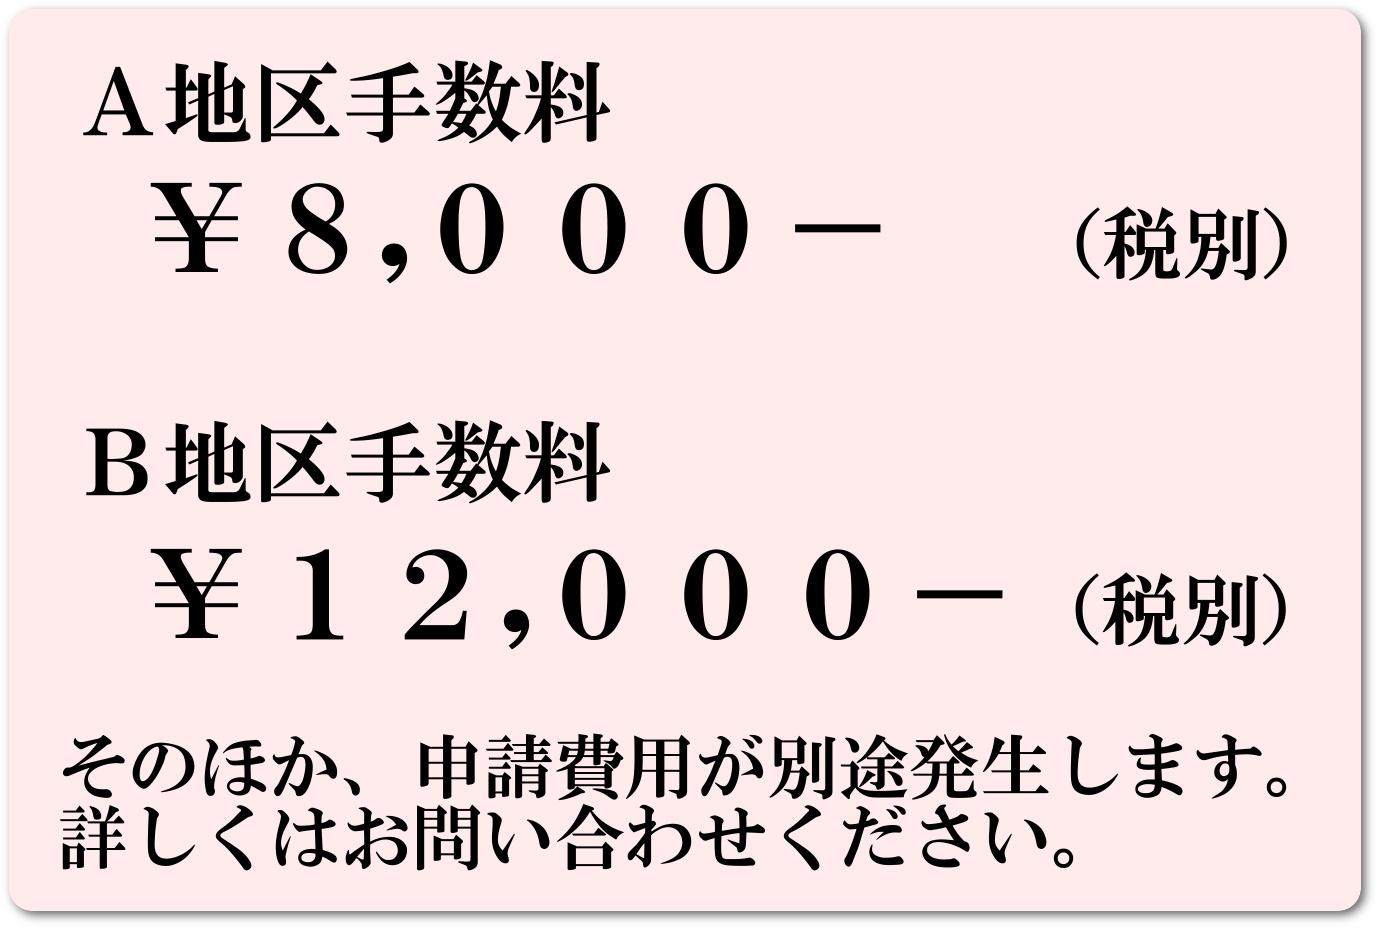 自動車登録 A地区8000円 B地区12000円